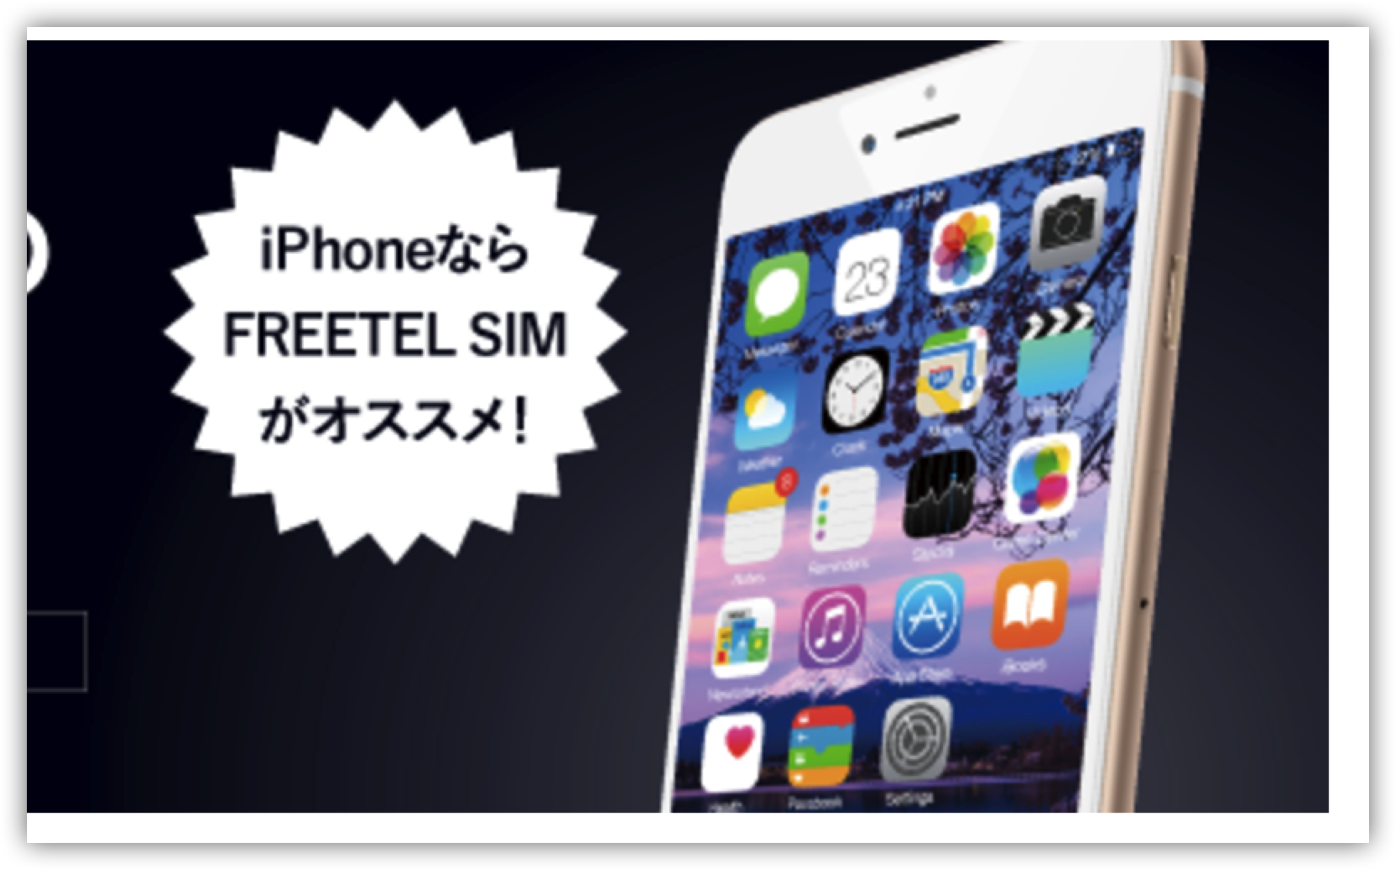 [FREETEL]訂正です。AppStoreからのダウンロードがカウントされないのは「FREETEL SIM for iPhone」だけです